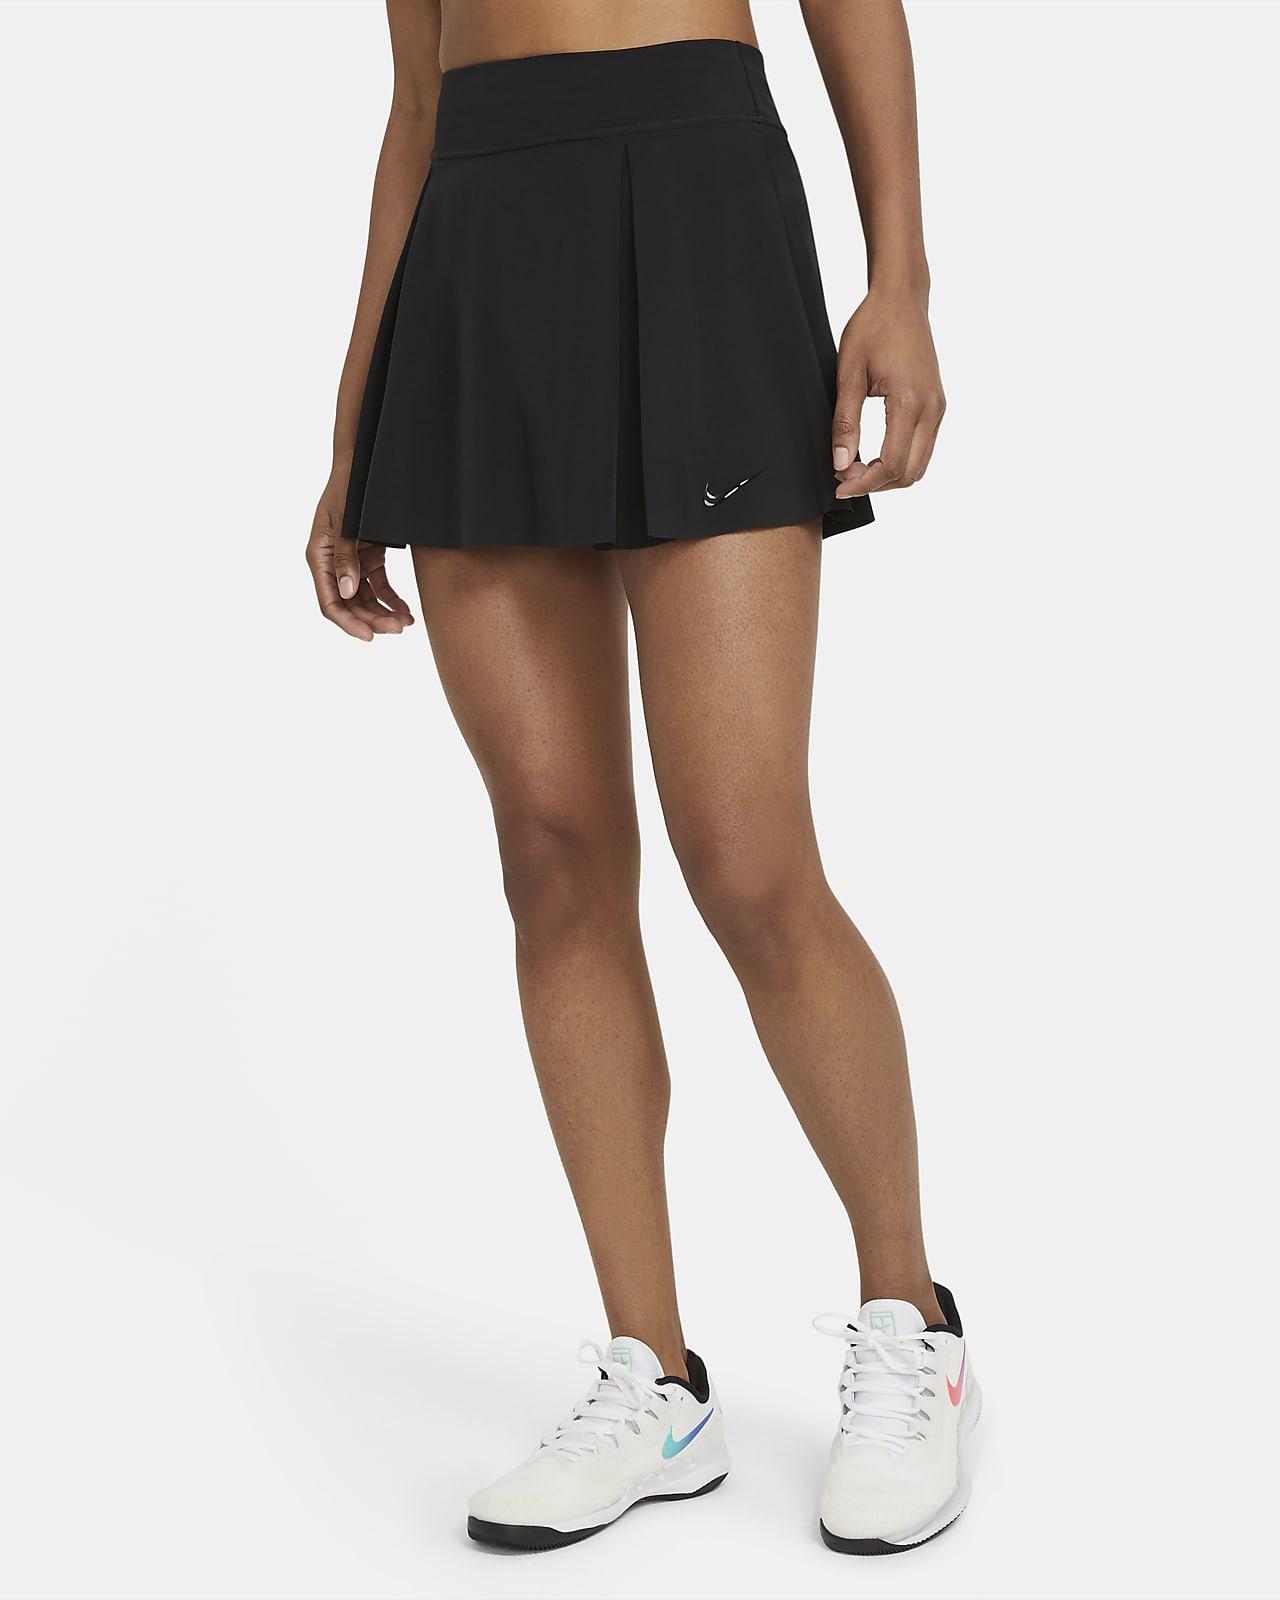 Saia de ténis normal Nike Club Skirt para mulher (alta)